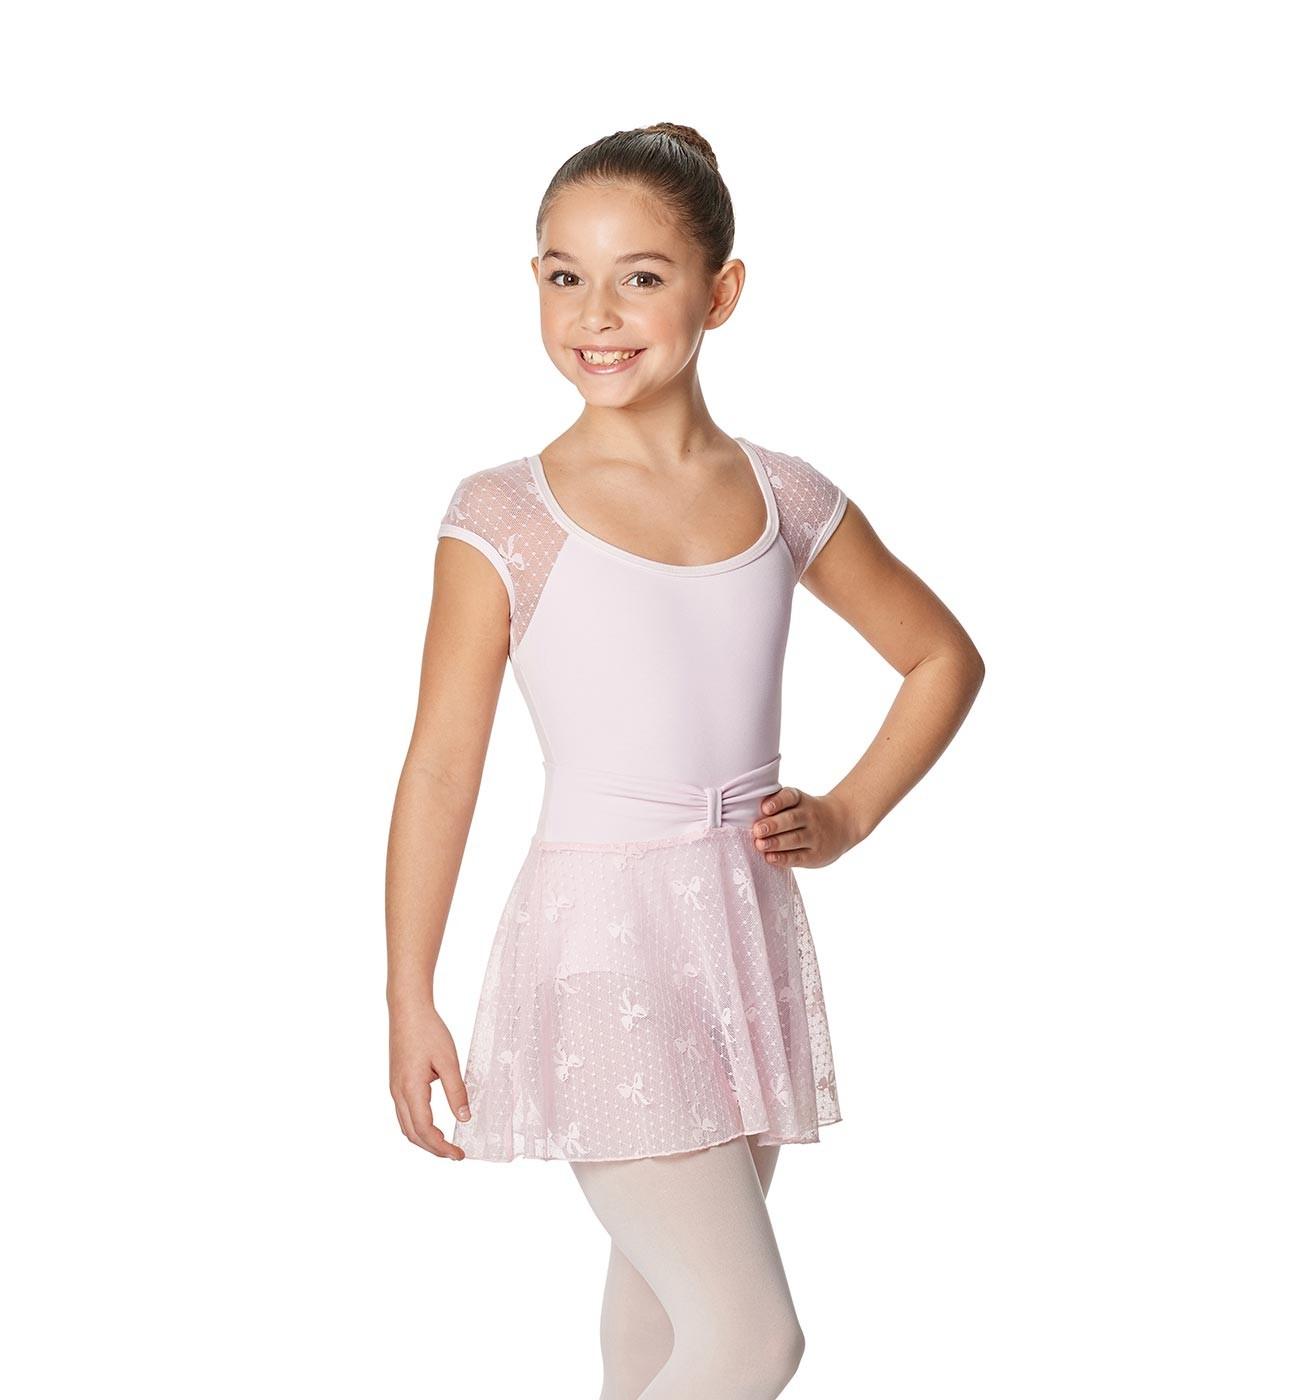 חצאית לילדה שרוקדת בלט